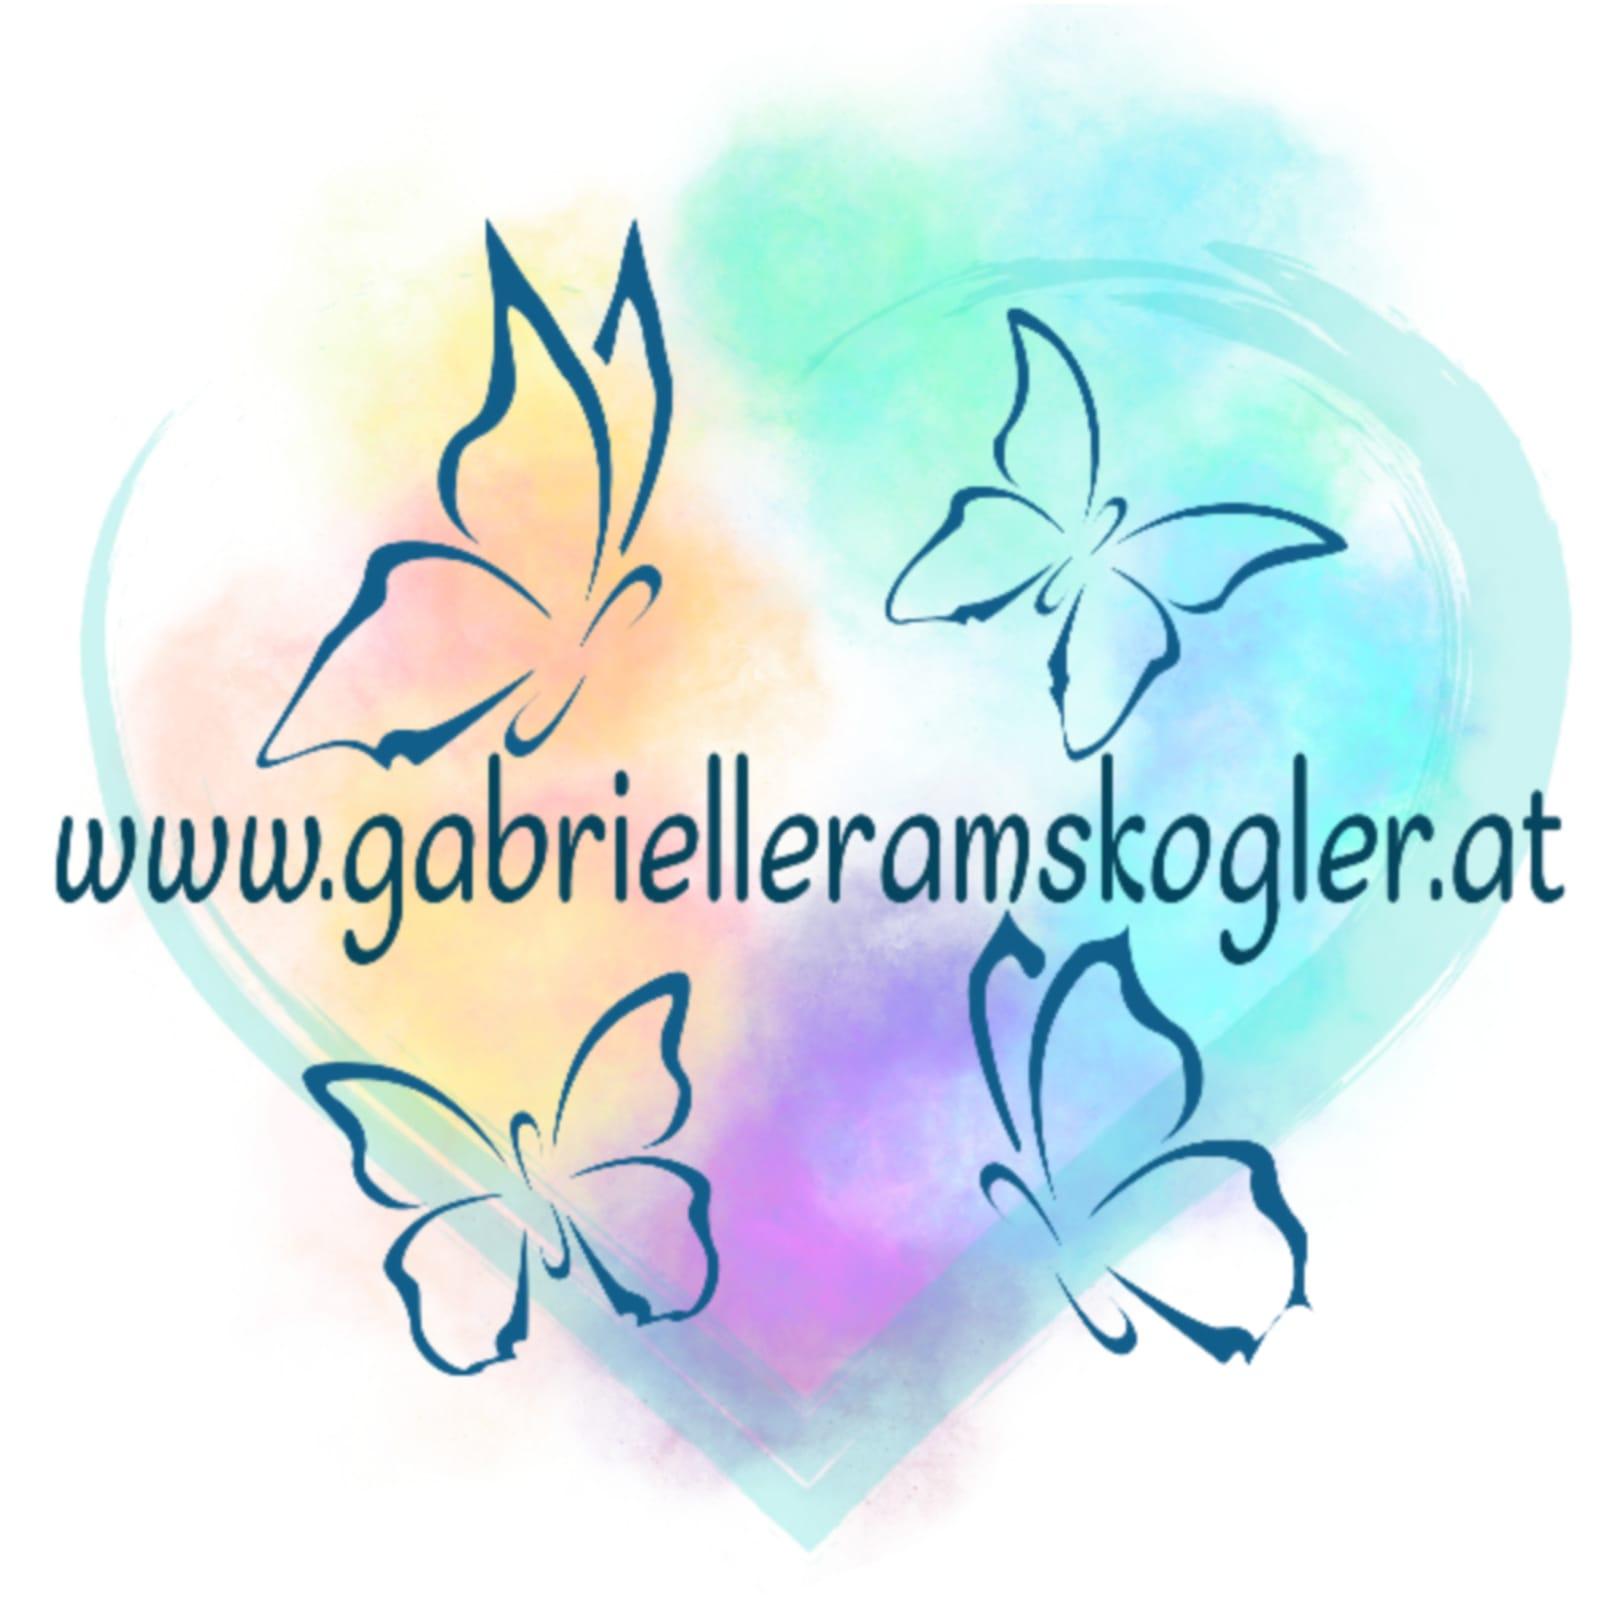 Gabrielle Franziska Ramskogler - ganzheitliche Begleitung